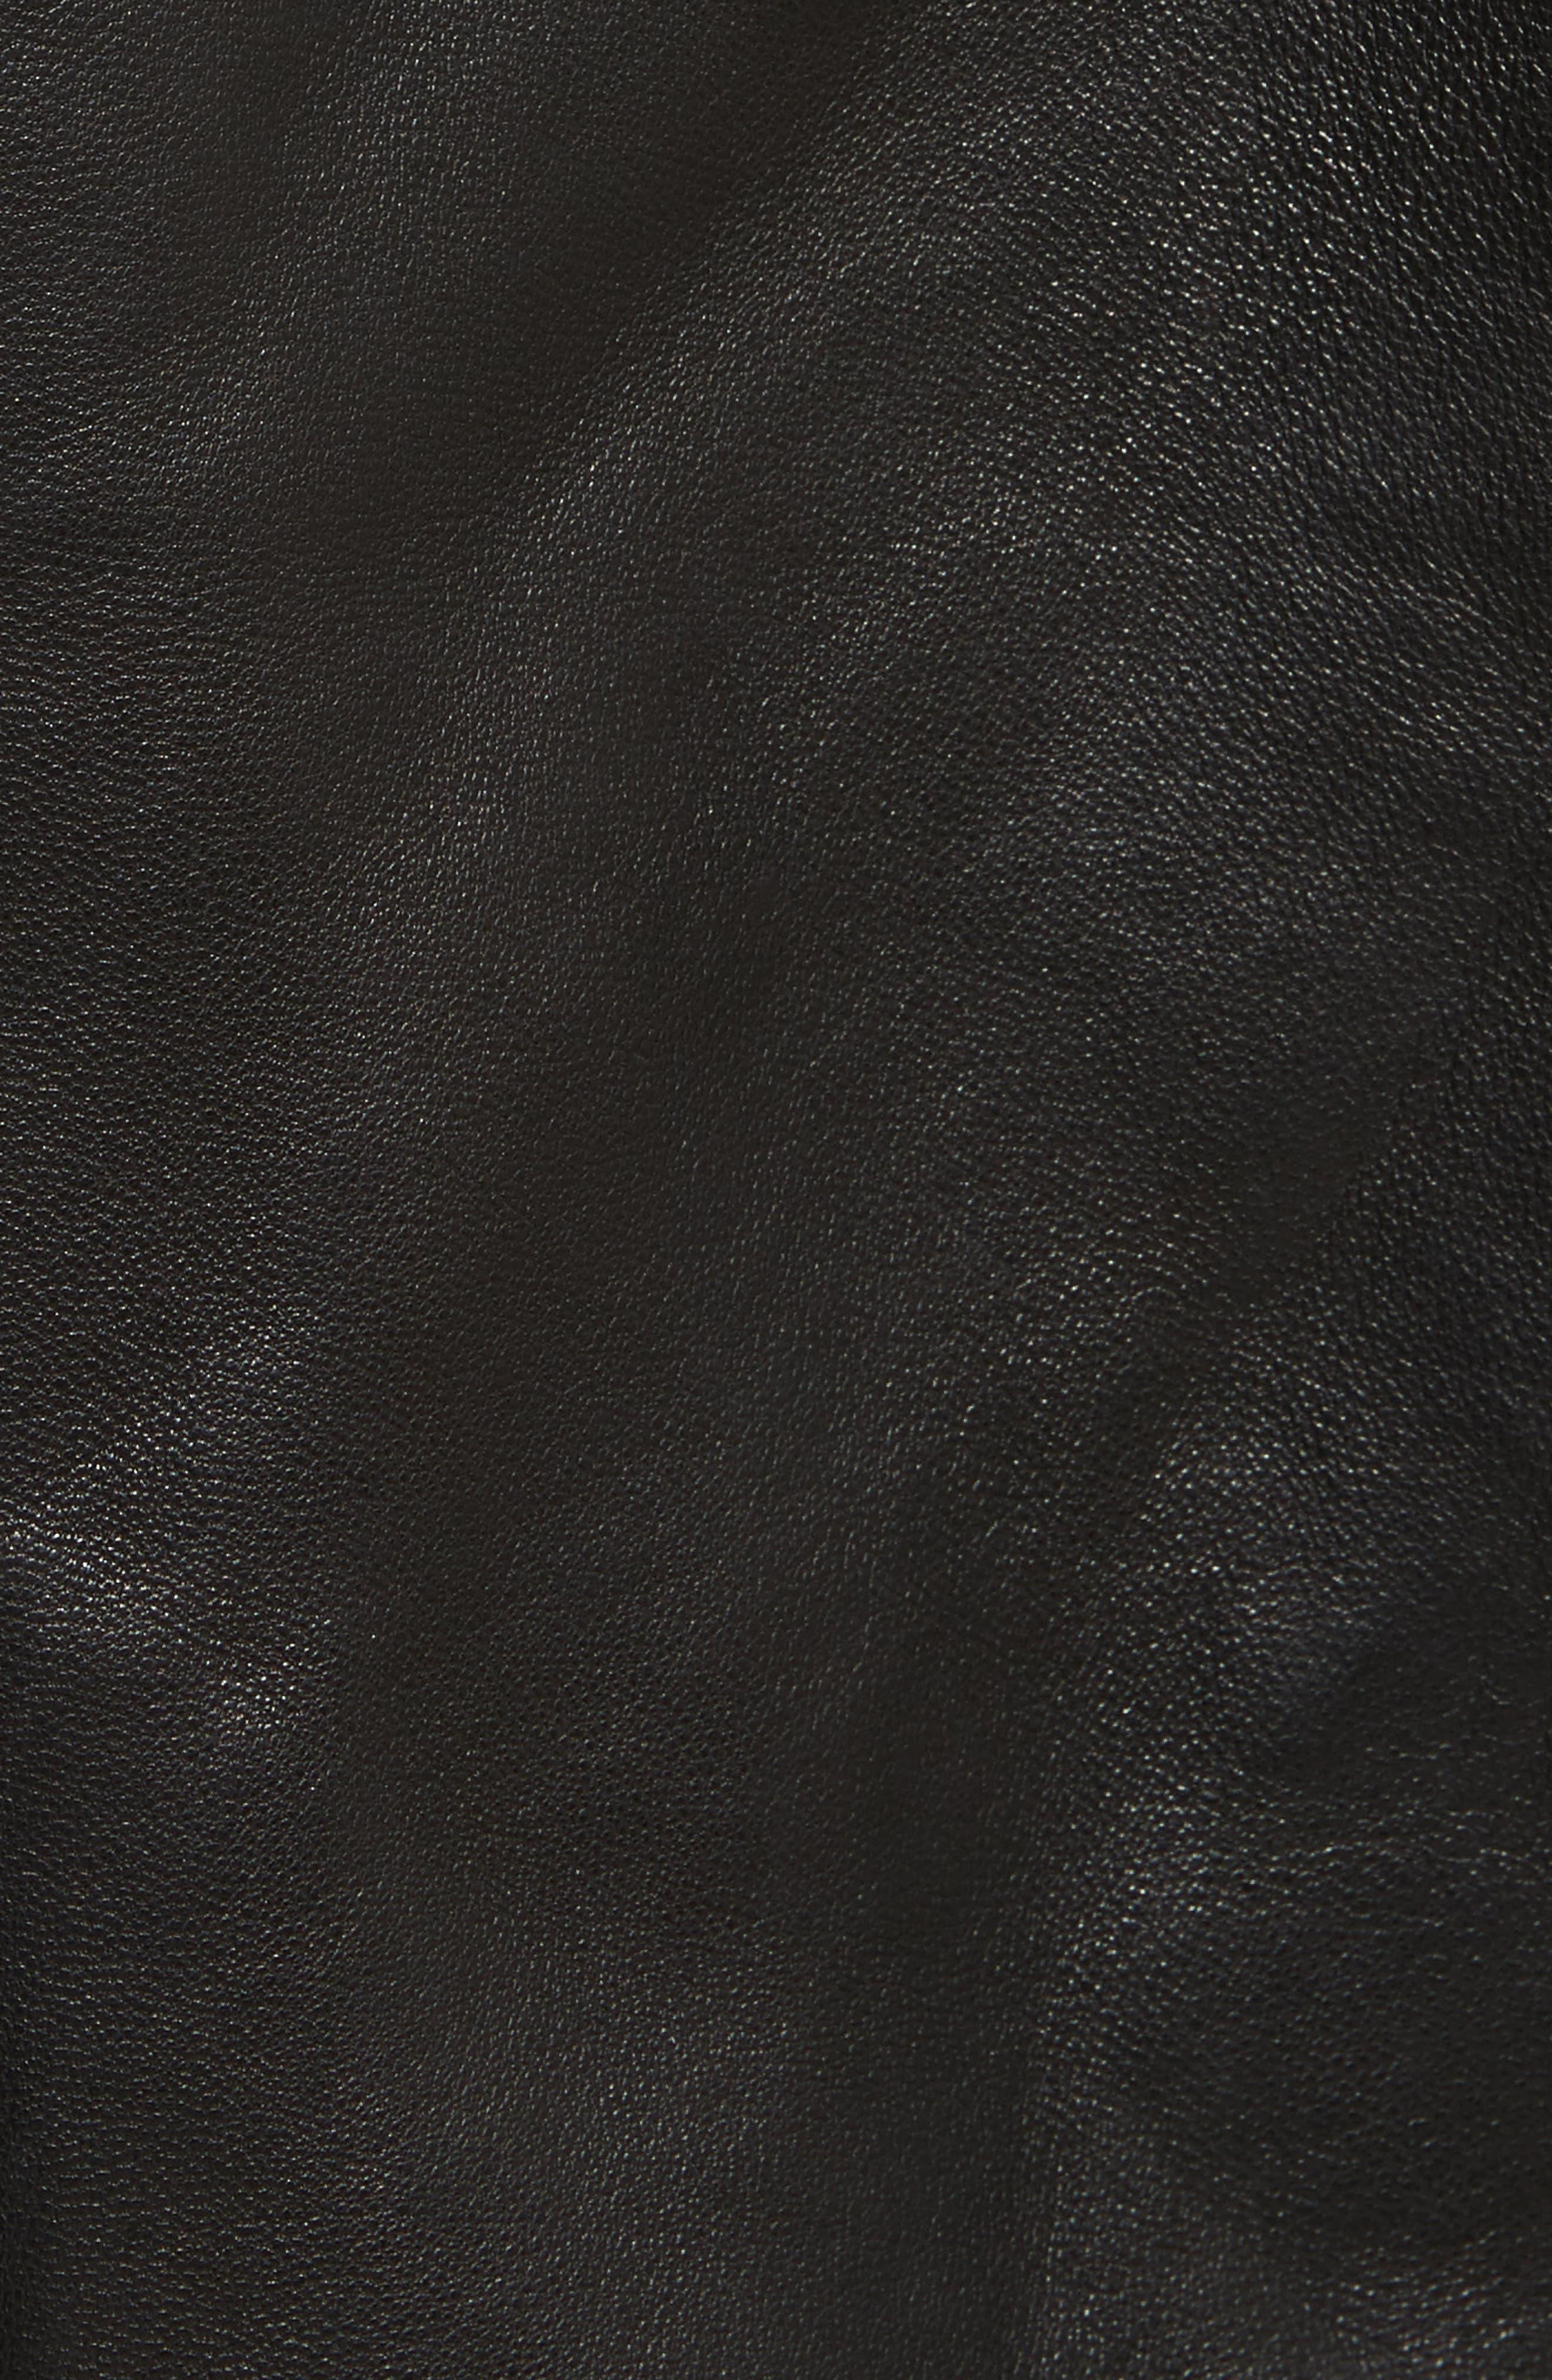 Dumont Leather Jacket,                             Alternate thumbnail 5, color,